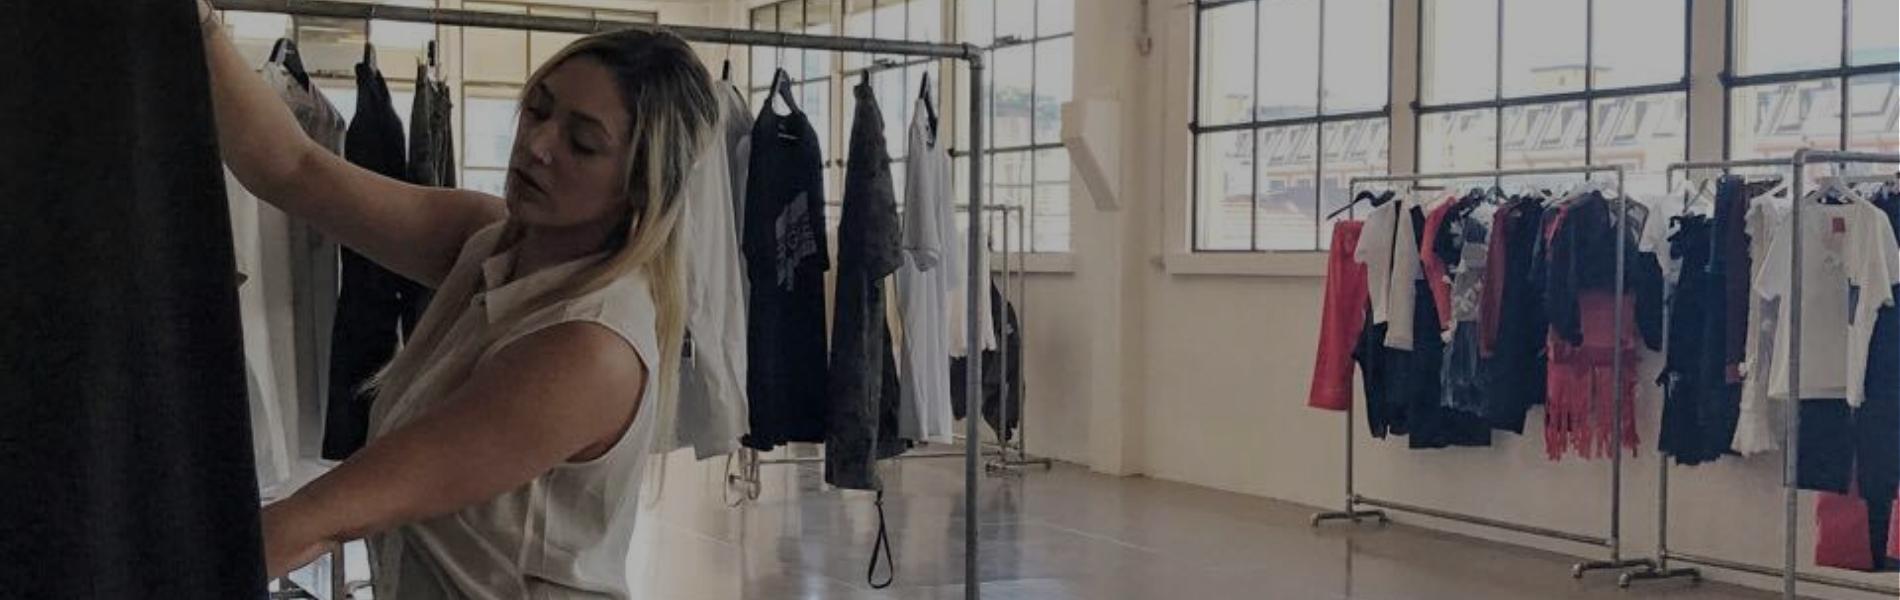 Fashion Internships - Project Moda